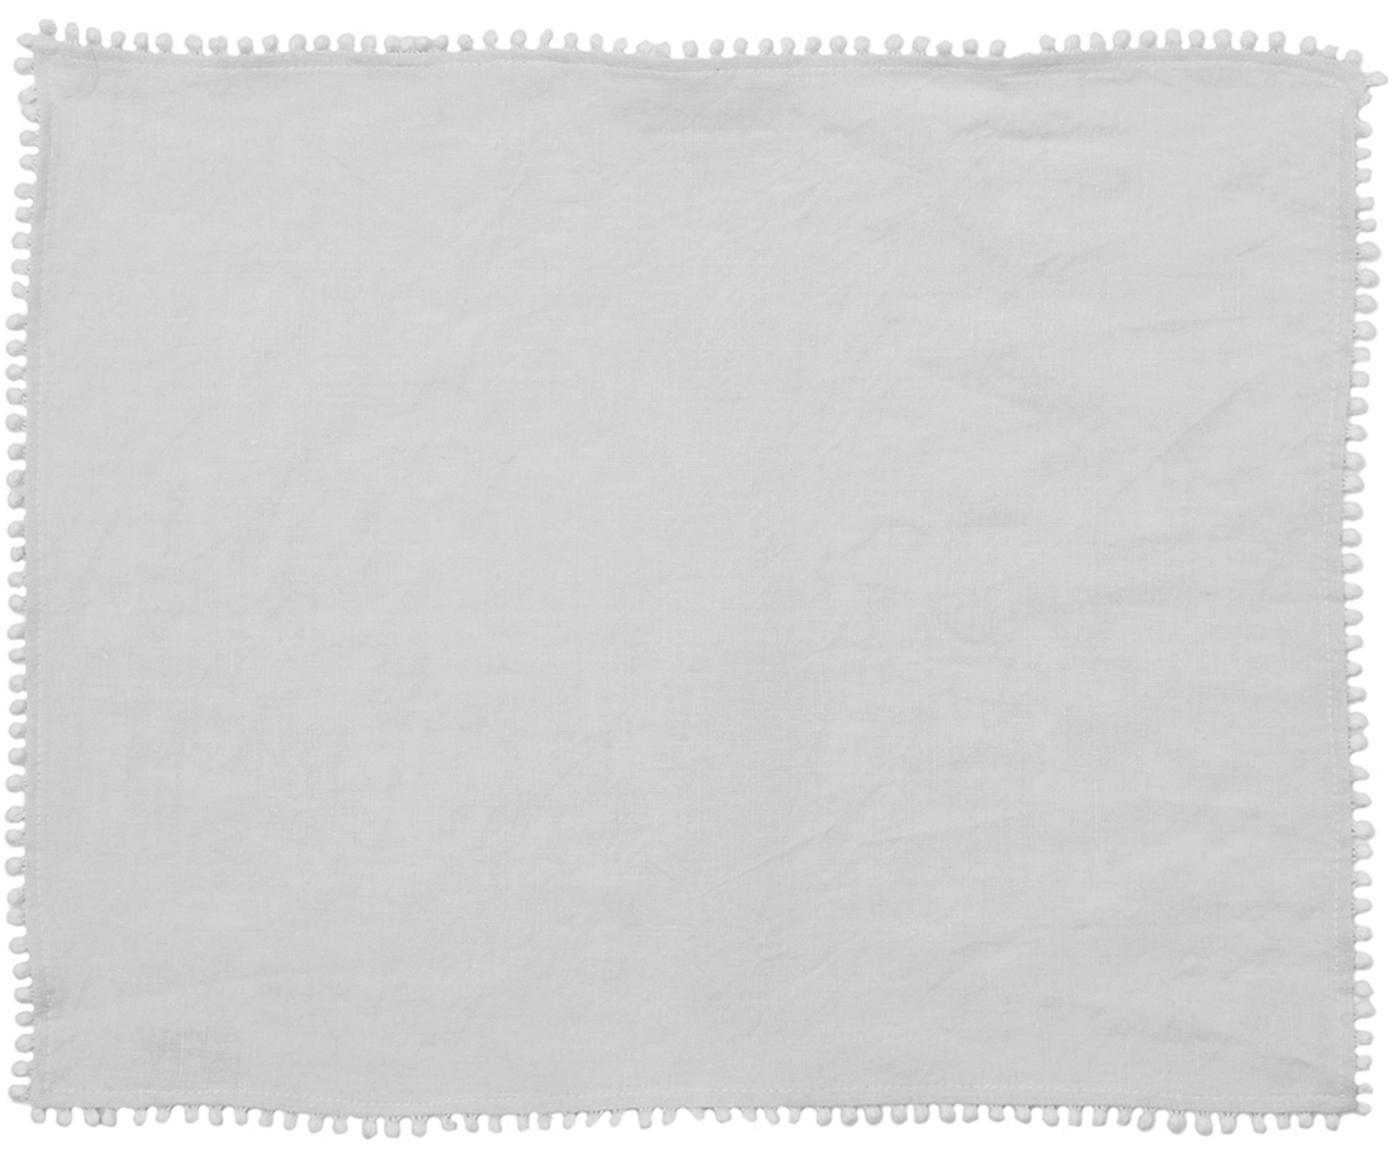 Tovaglietta americana in lino Pom Pom 2 pz, Lino, Grigio chiaro, Larg. 35 x Lung. 45 cm